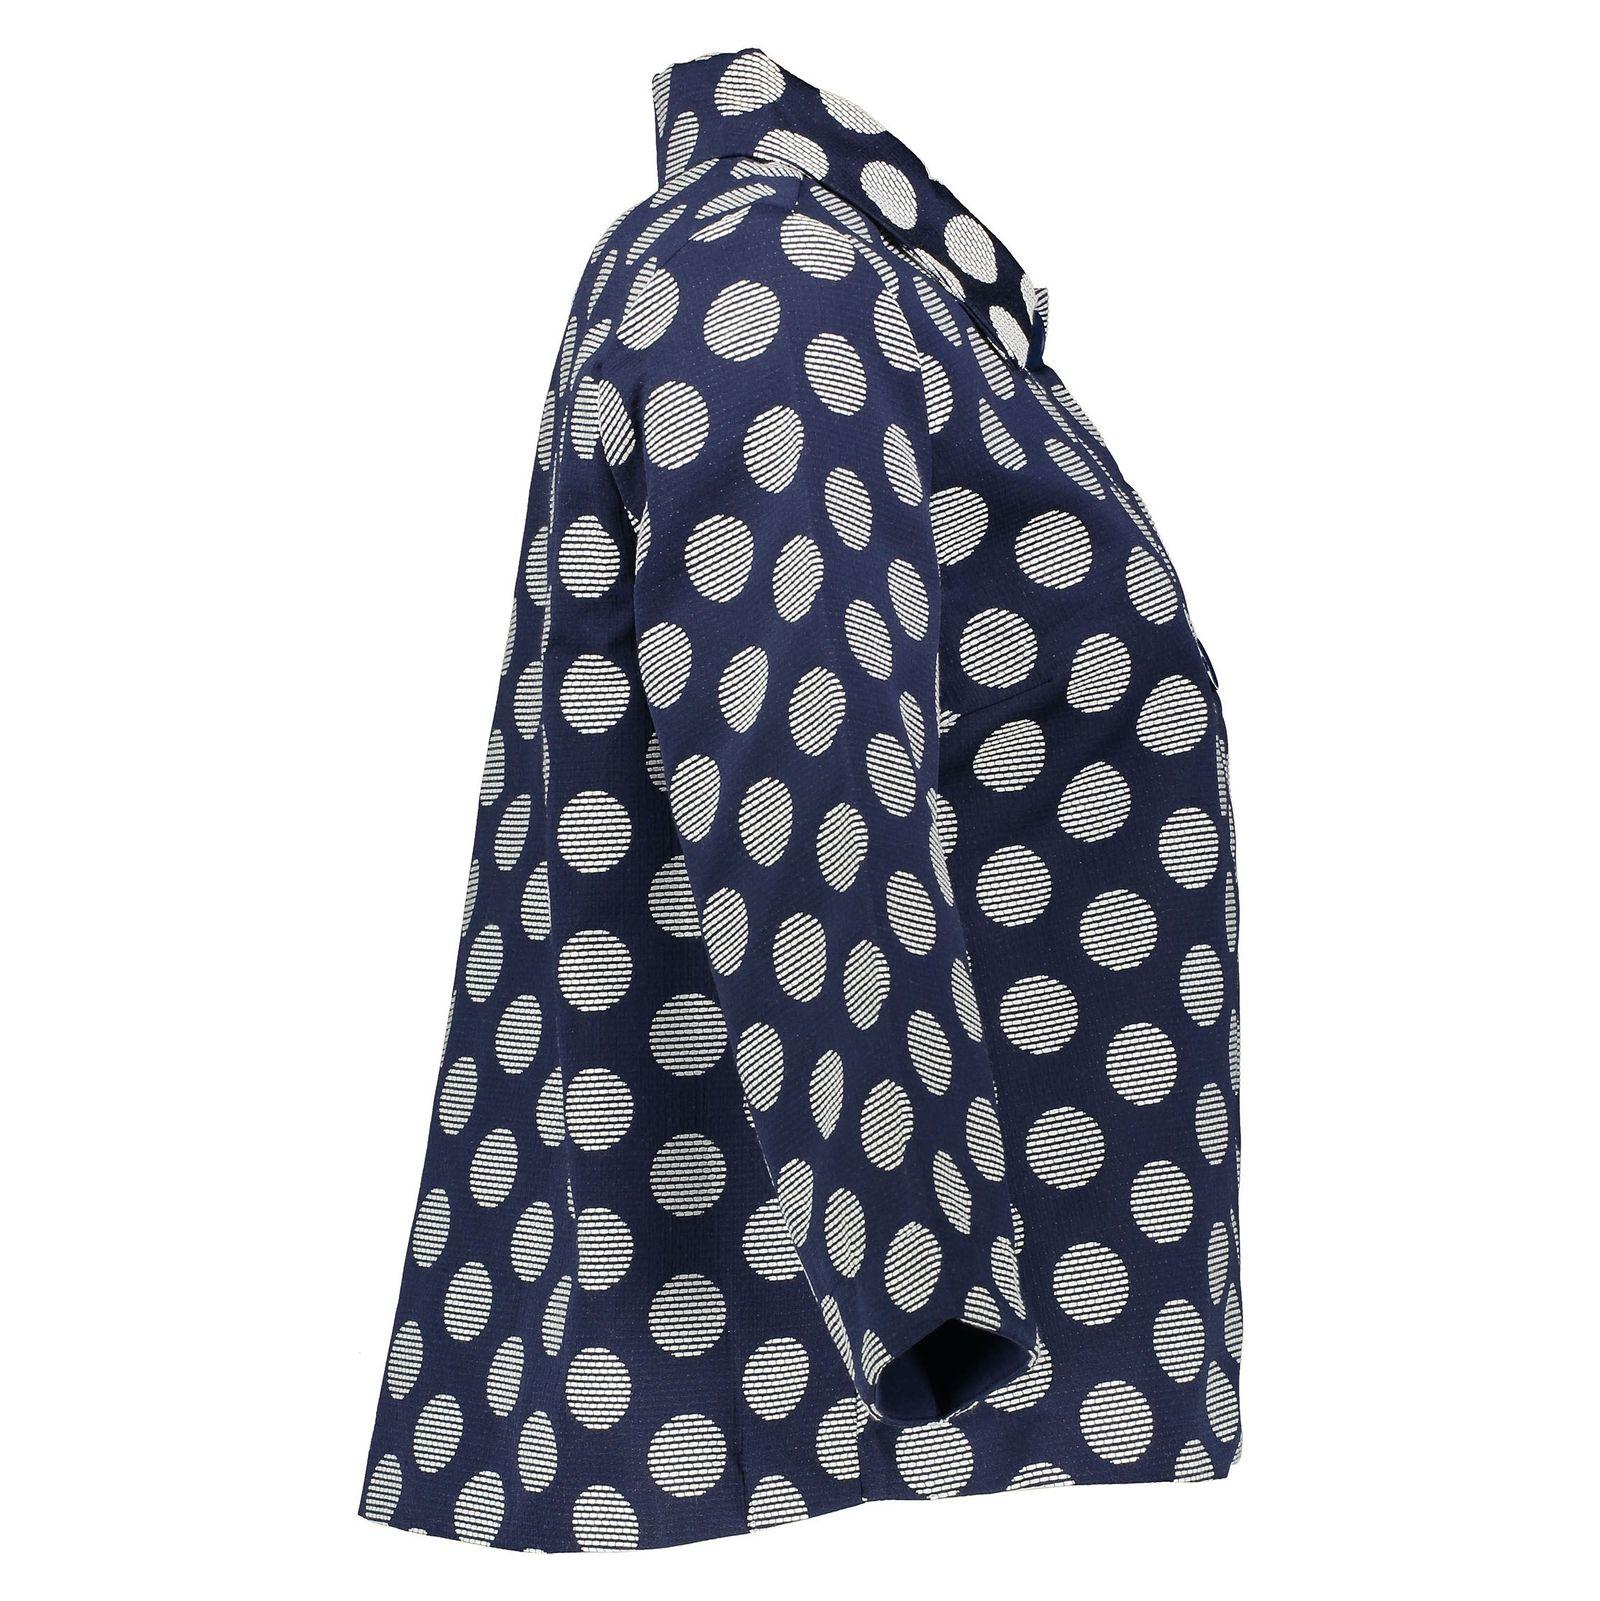 کت کوتاه زنانه - یوپیم - سرمه اي - 3